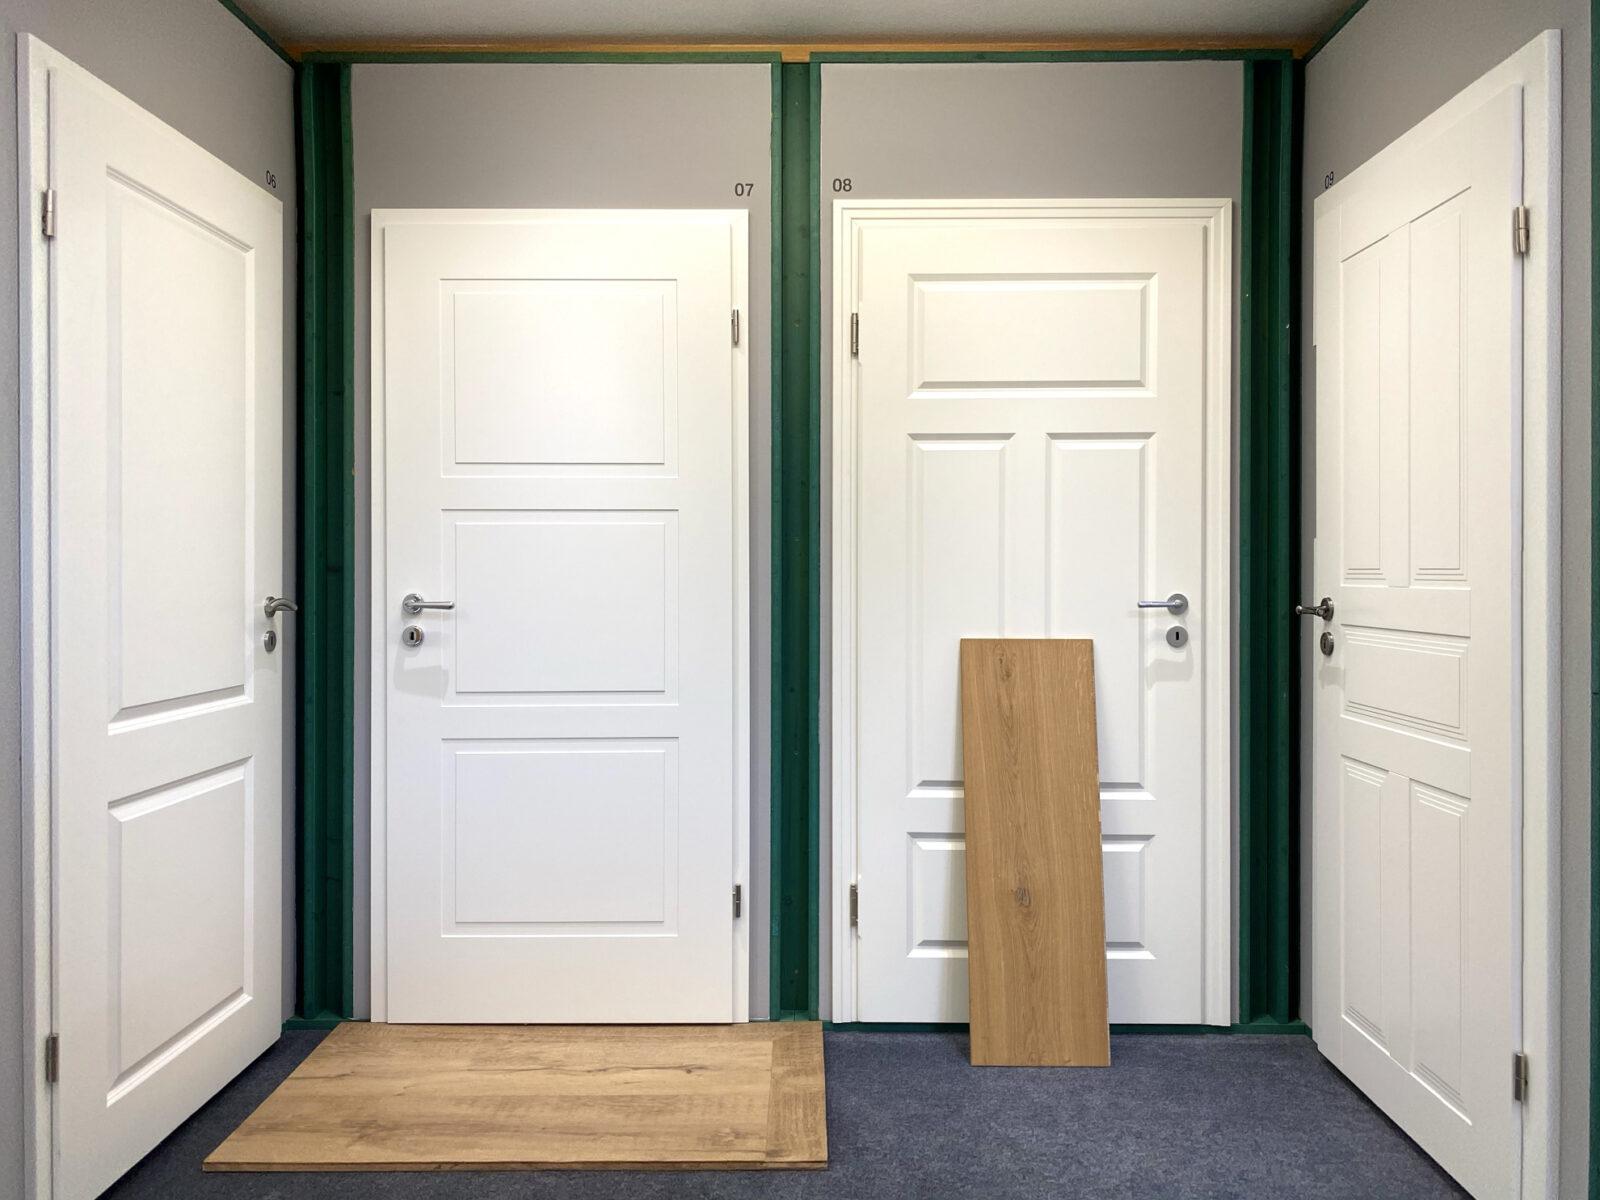 Parkett und Türen